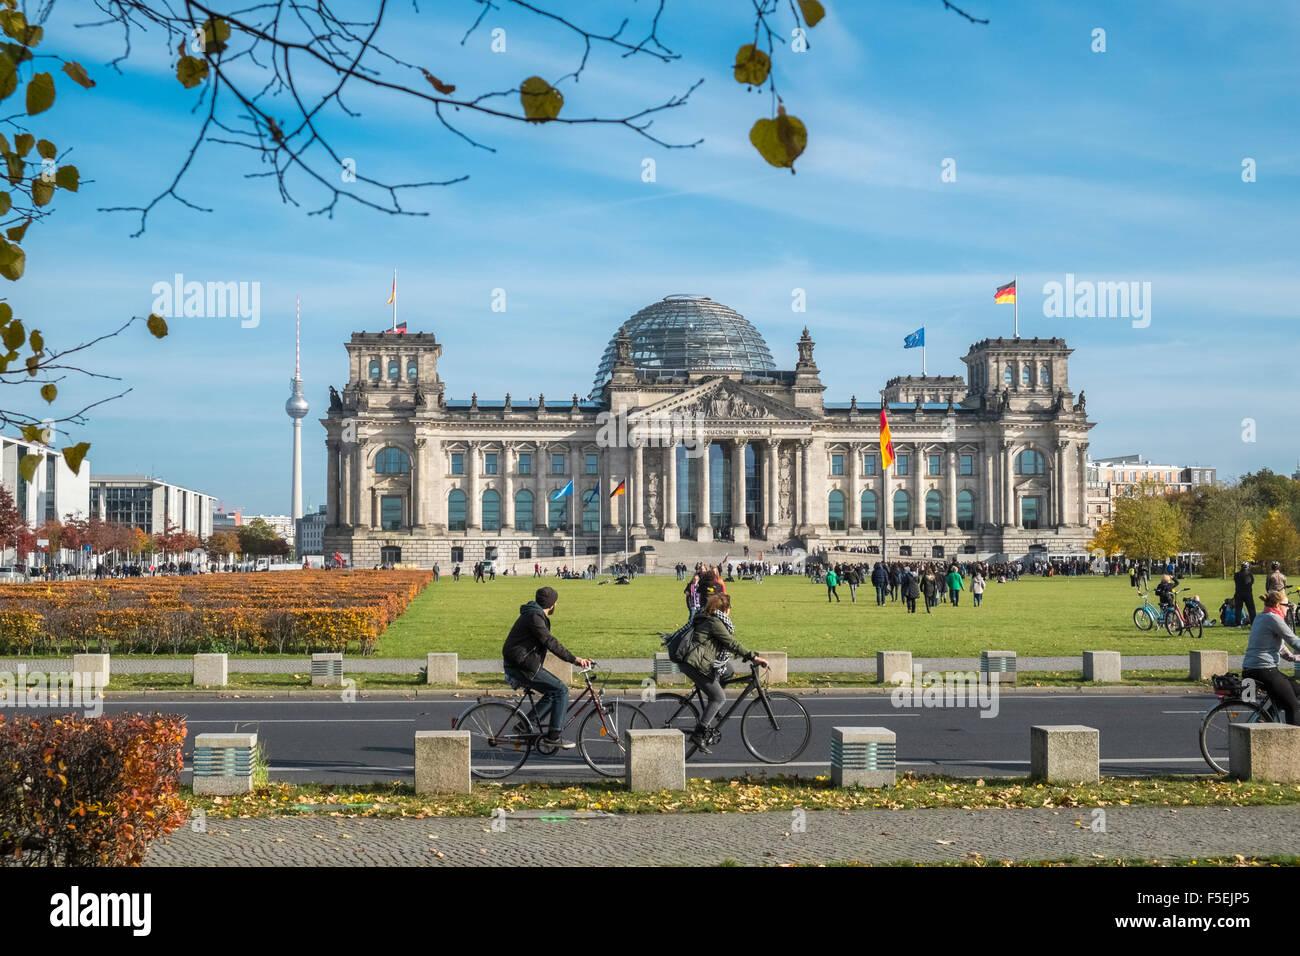 Bâtiment du Reichstag allemand et le dôme, avec les touristes en premier plan, Berlin, Germany, Europe Photo Stock